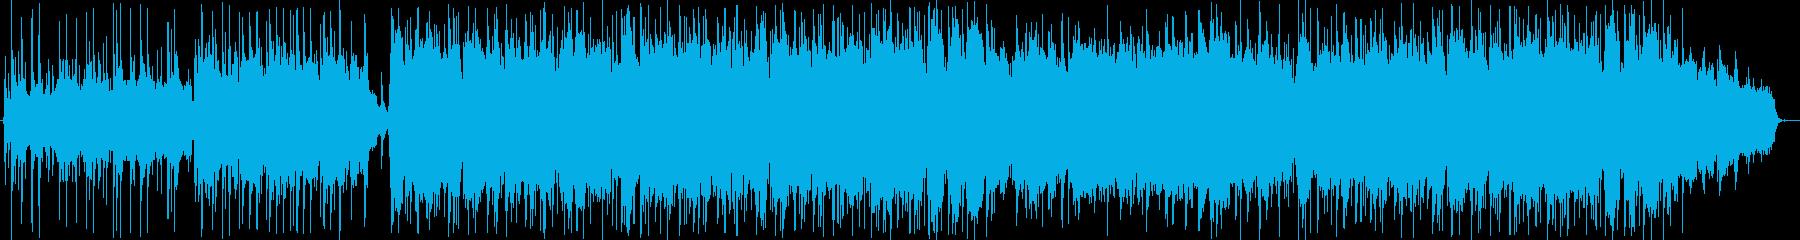 古代日本をイメージした神秘的な一曲の再生済みの波形